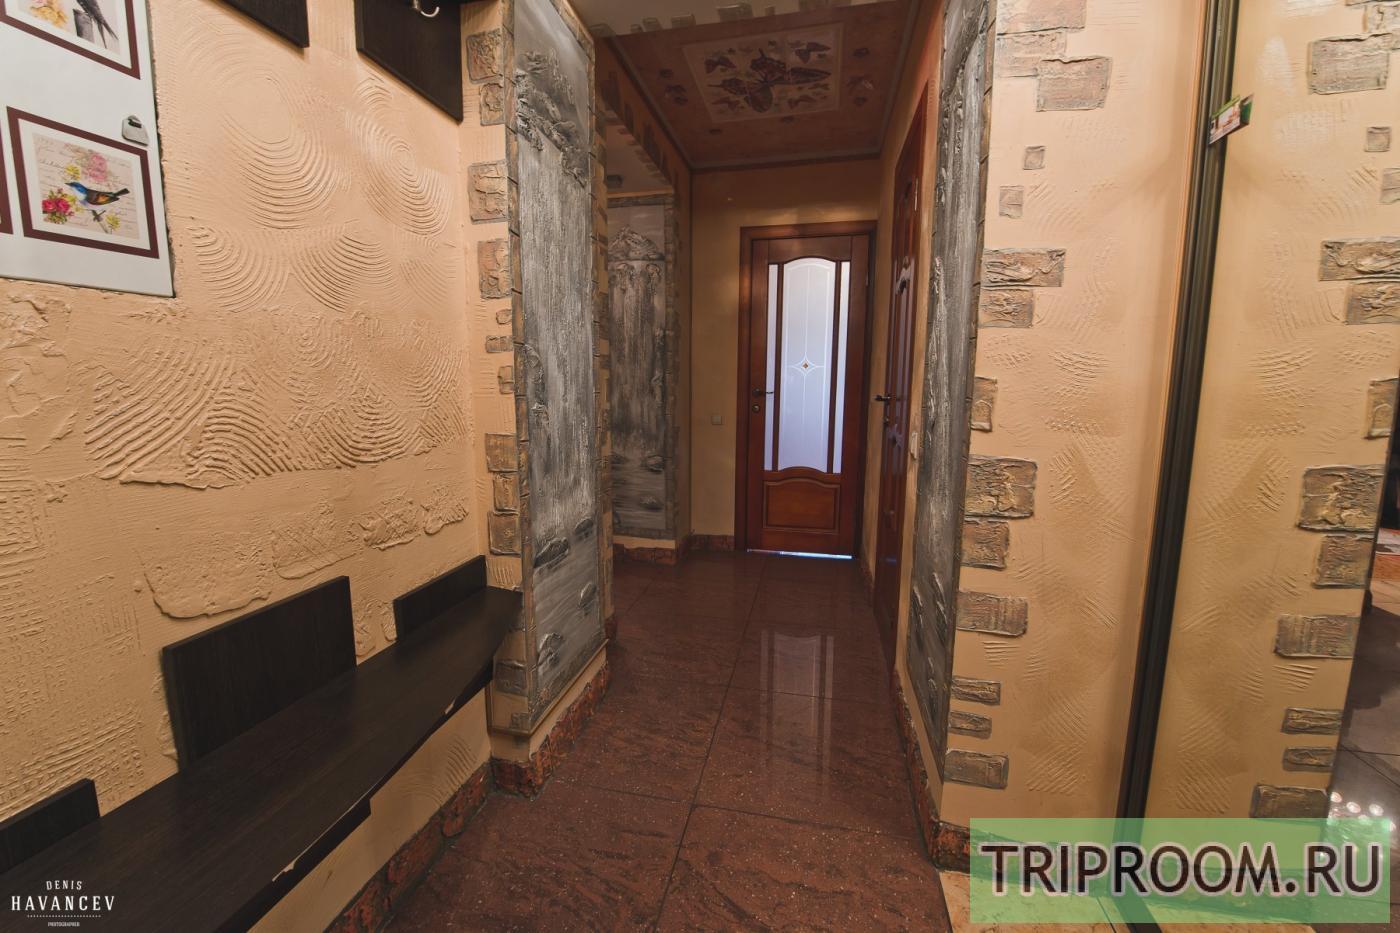 1-комнатная квартира посуточно (вариант № 14828), ул. 1-й Магнитный проезд, фото № 14